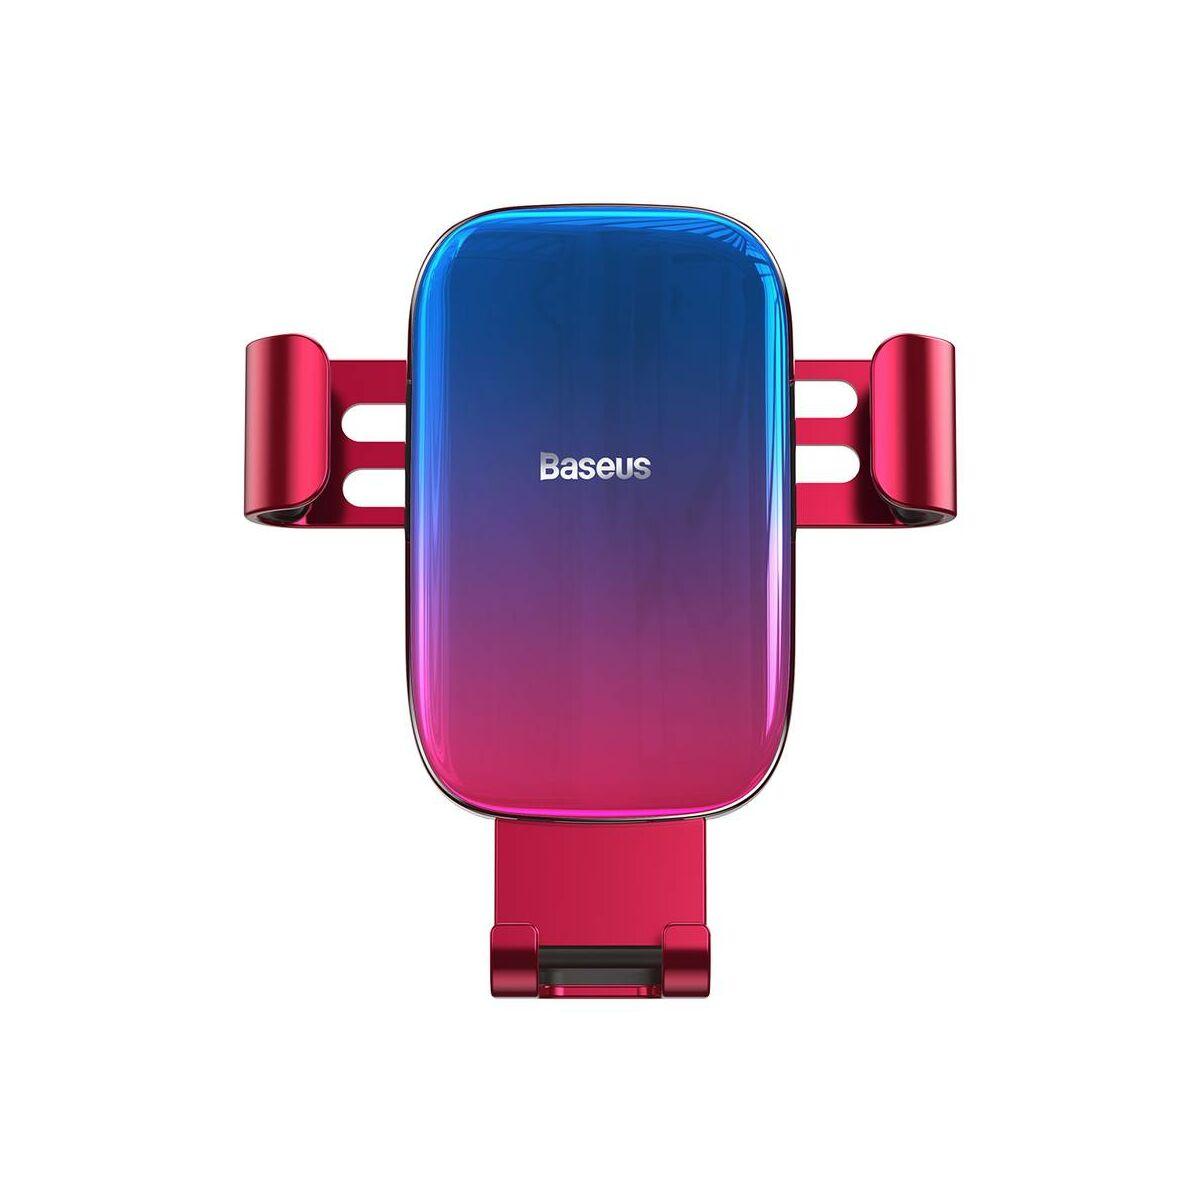 Baseus autós telefon tartó, Glaze Garvity, piros (SUYL-LG09)